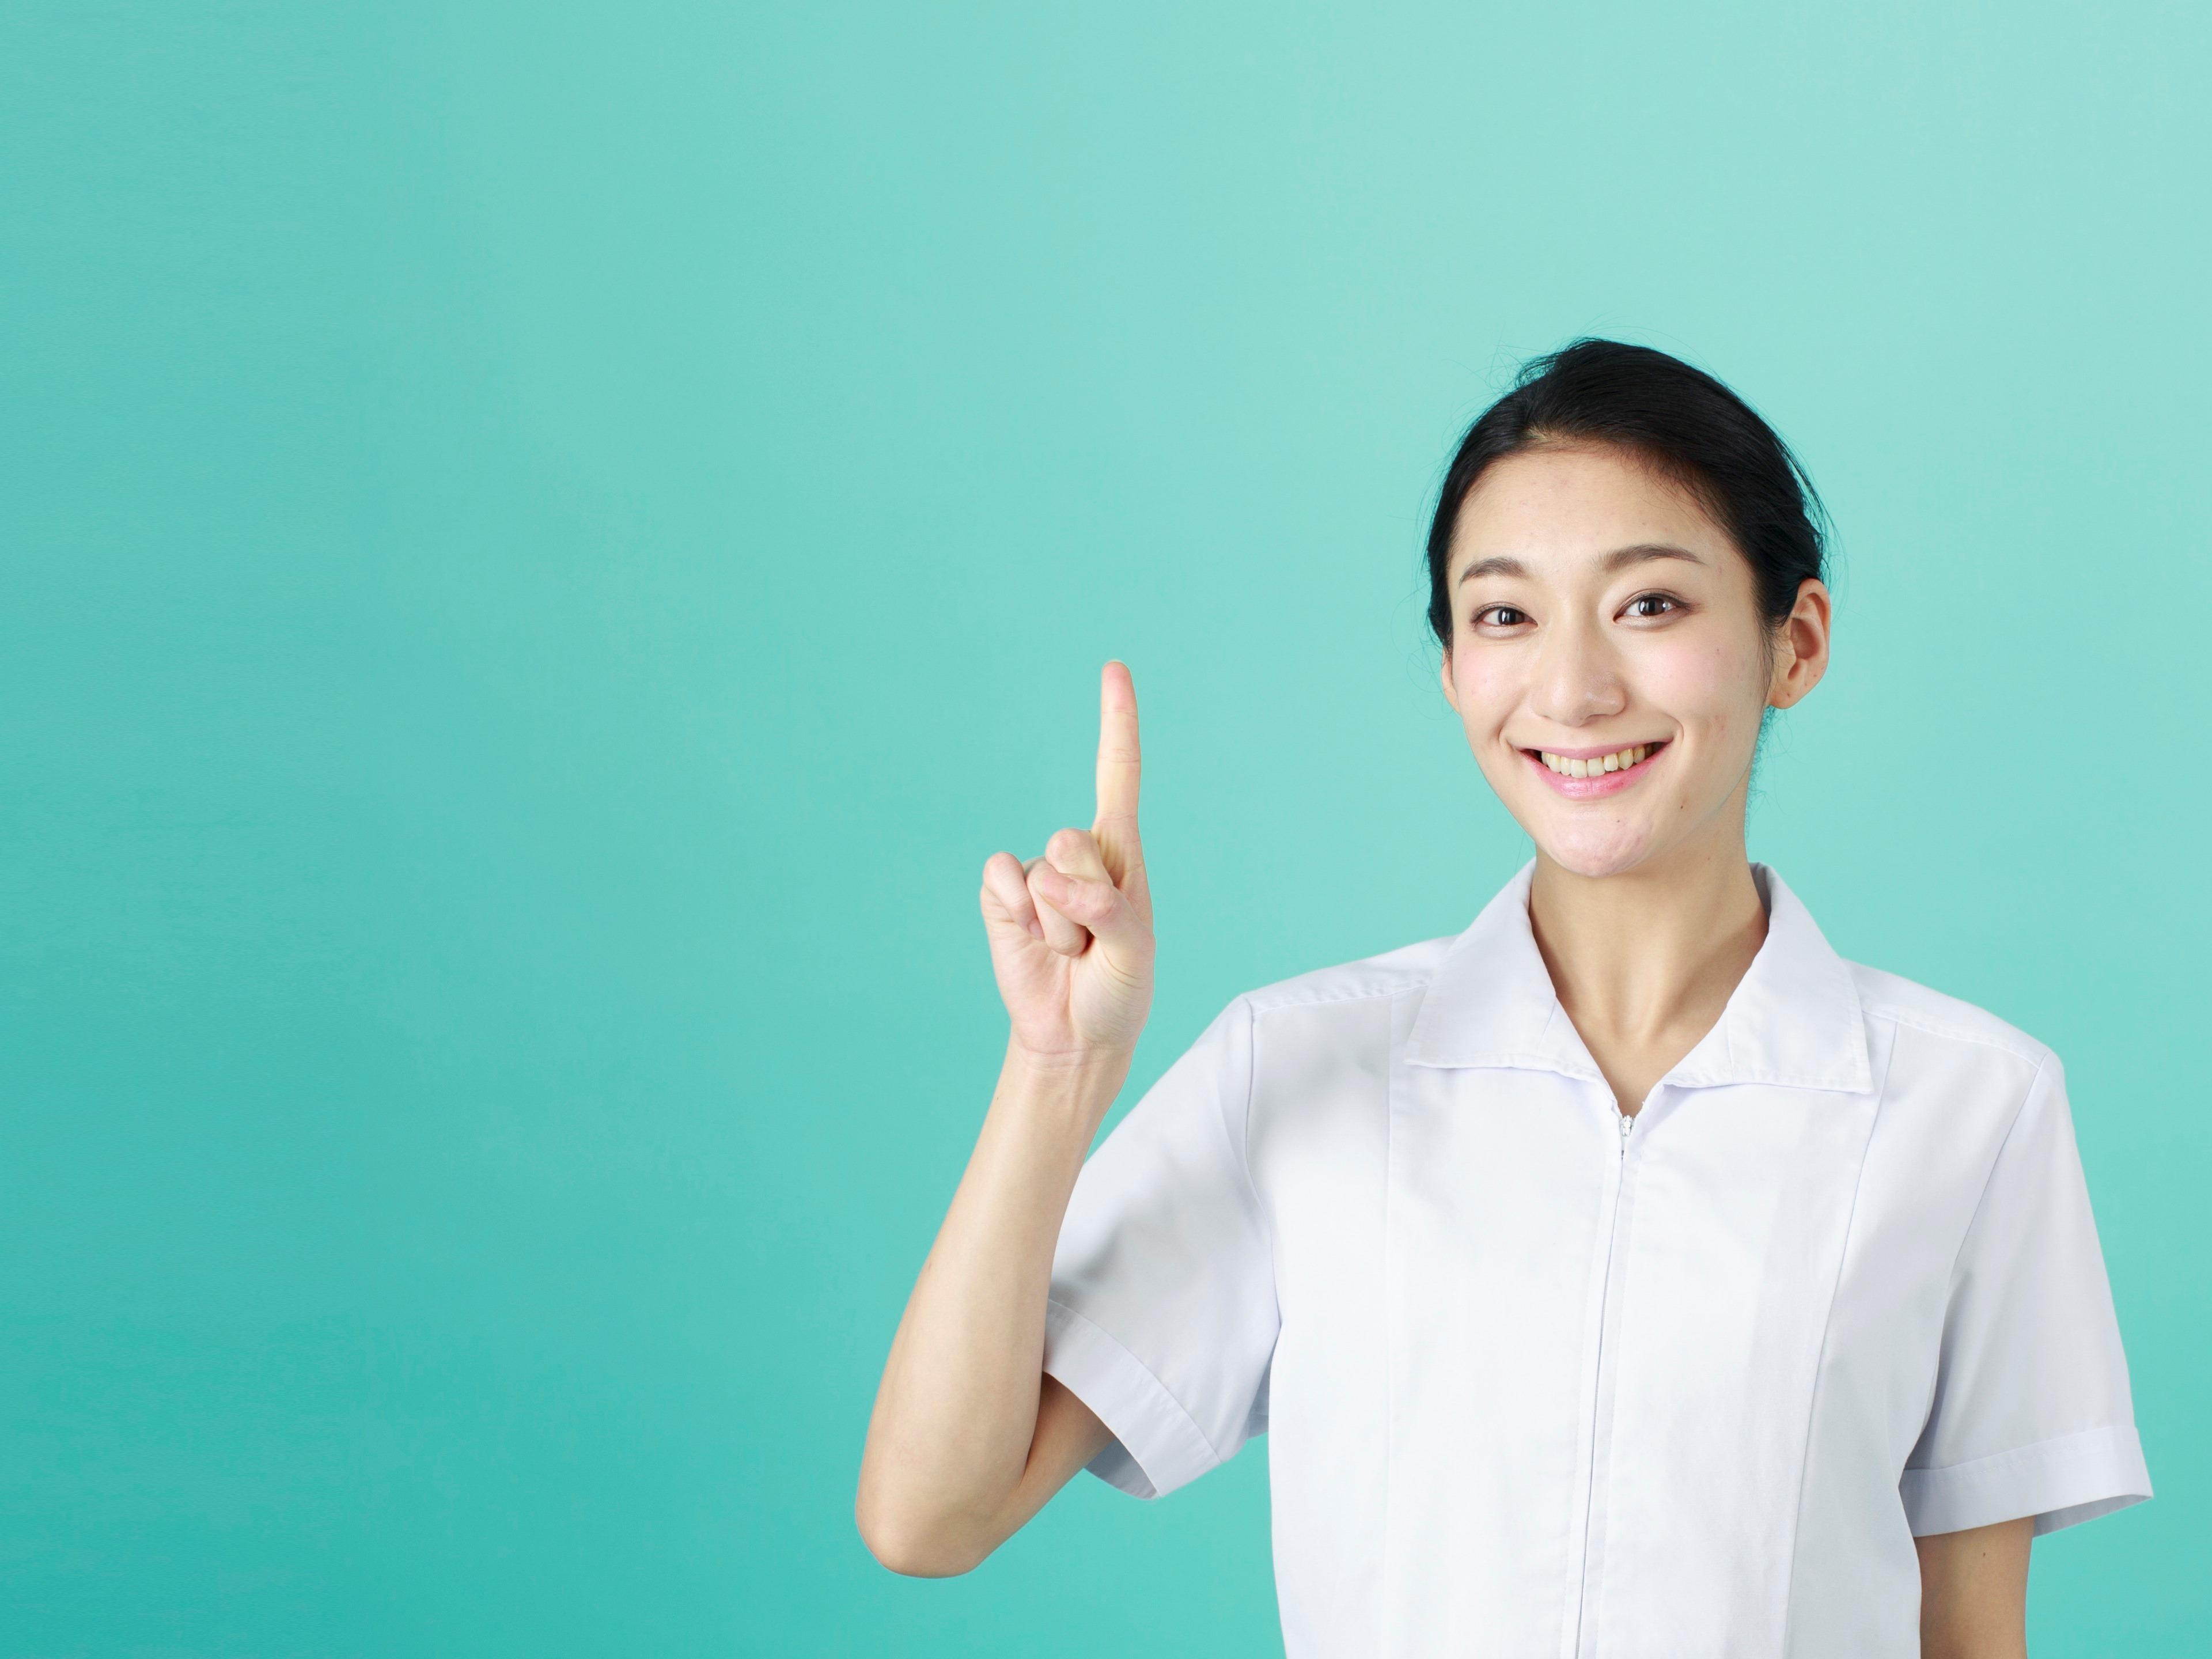 【田町駅】看護だから中番だけ! 赤ちゃんが好きな看護師さん派遣を募集です!